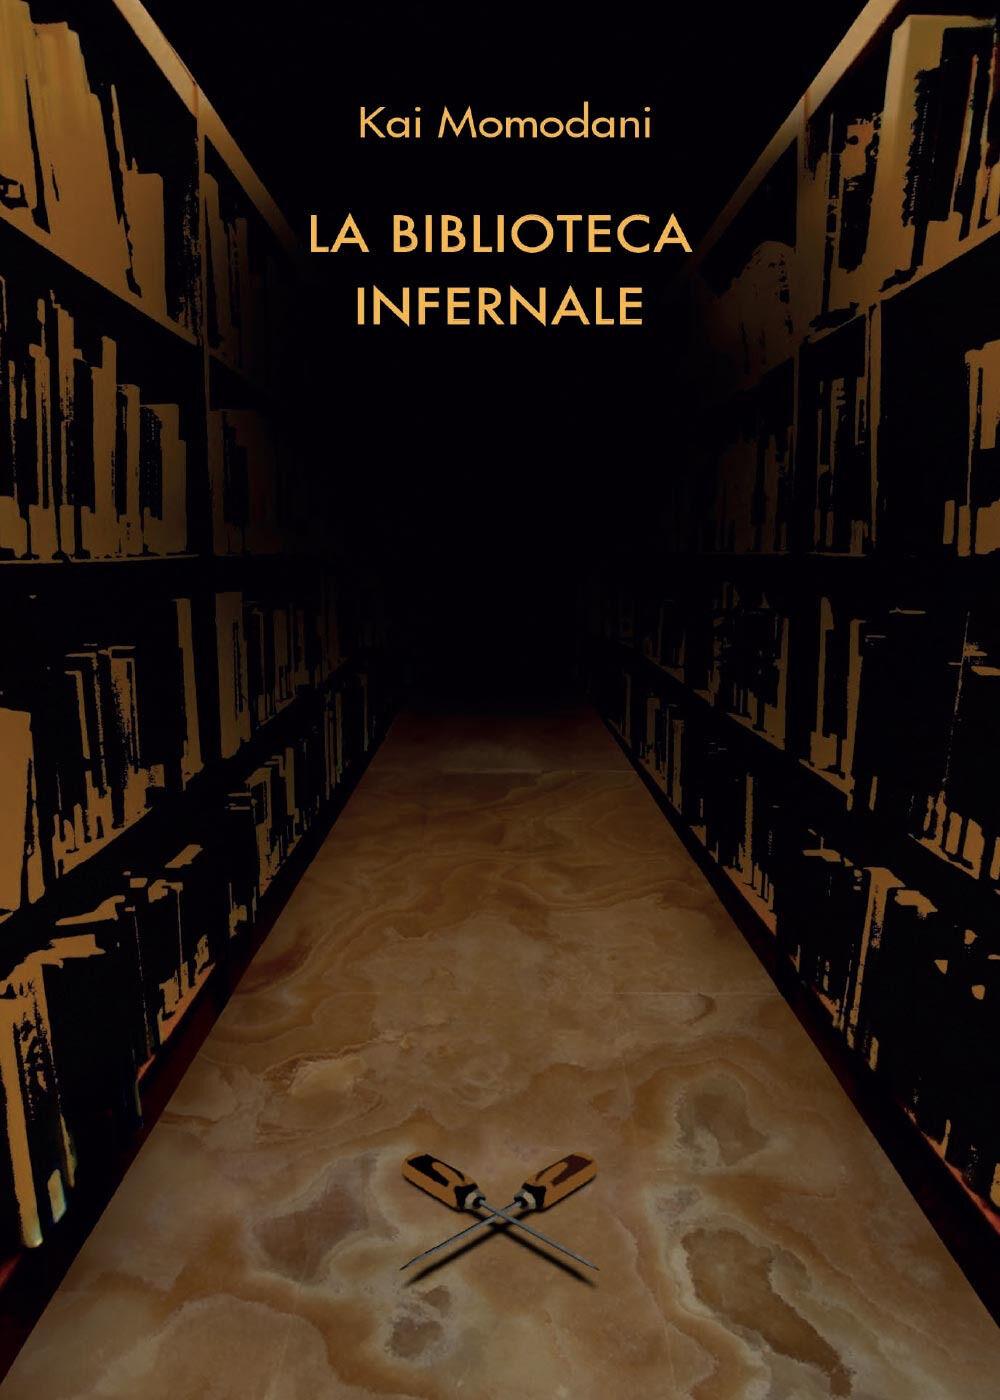 La biblioteca infernale